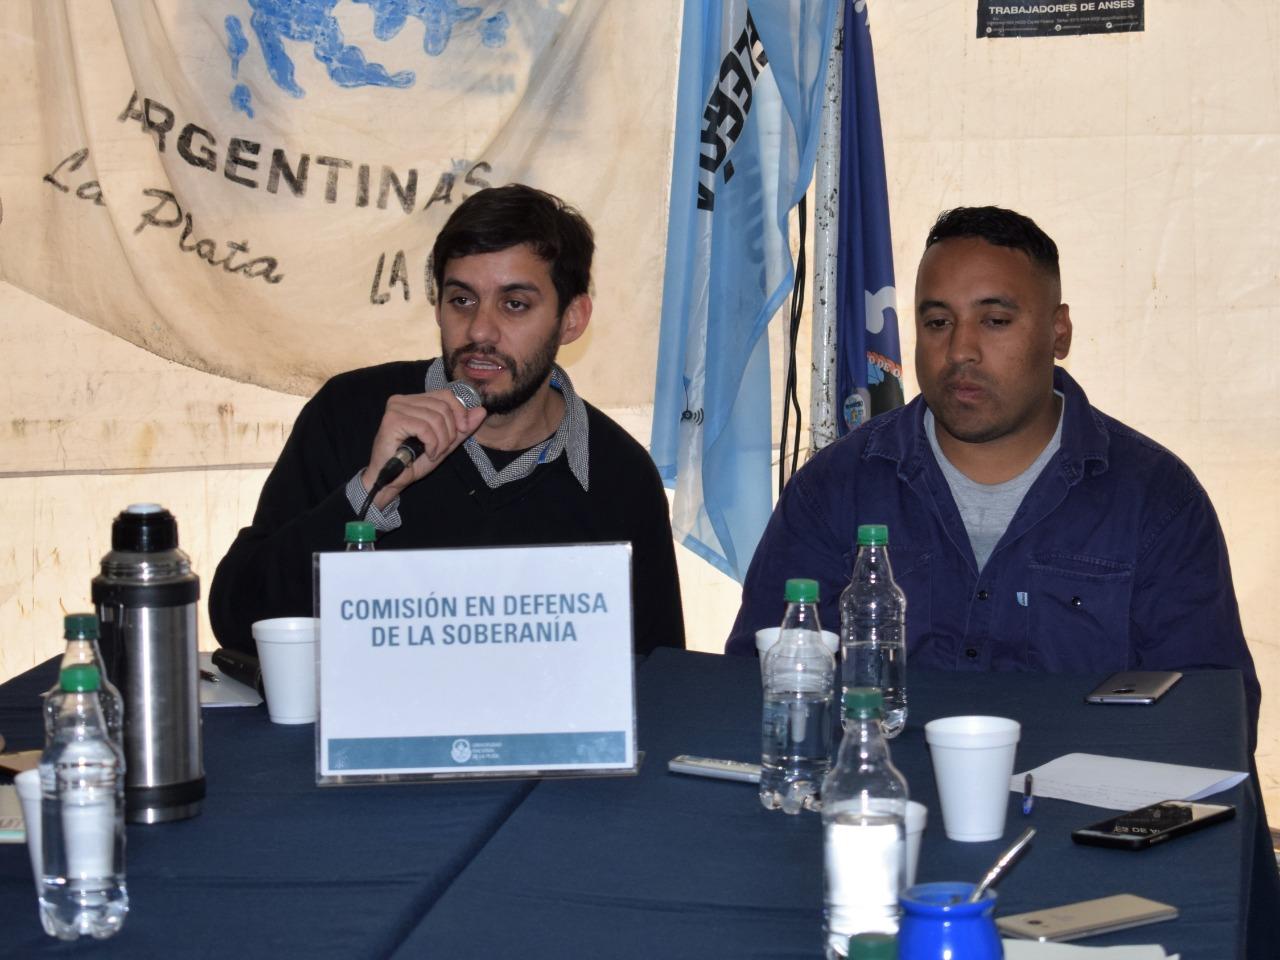 La Comisión de Defensa de la Soberanía de la UNLP sesionó en la carpa del Astillero Río Santiago en Plaza San Martín